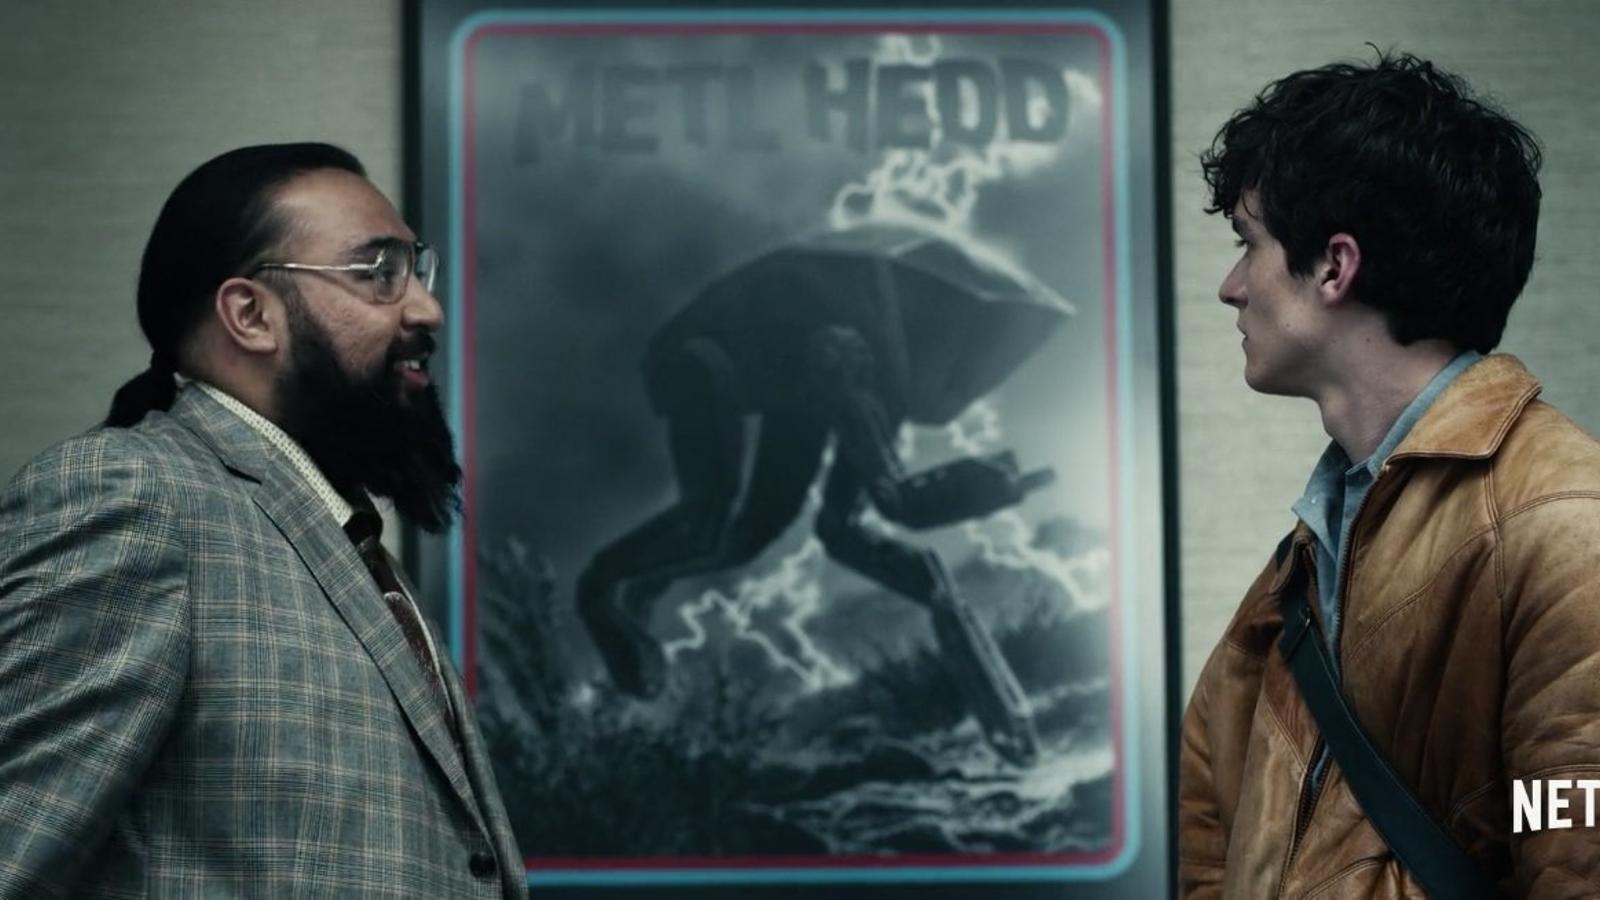 'Black mirror' estrena per sorpresa el seu telefilm interactiu